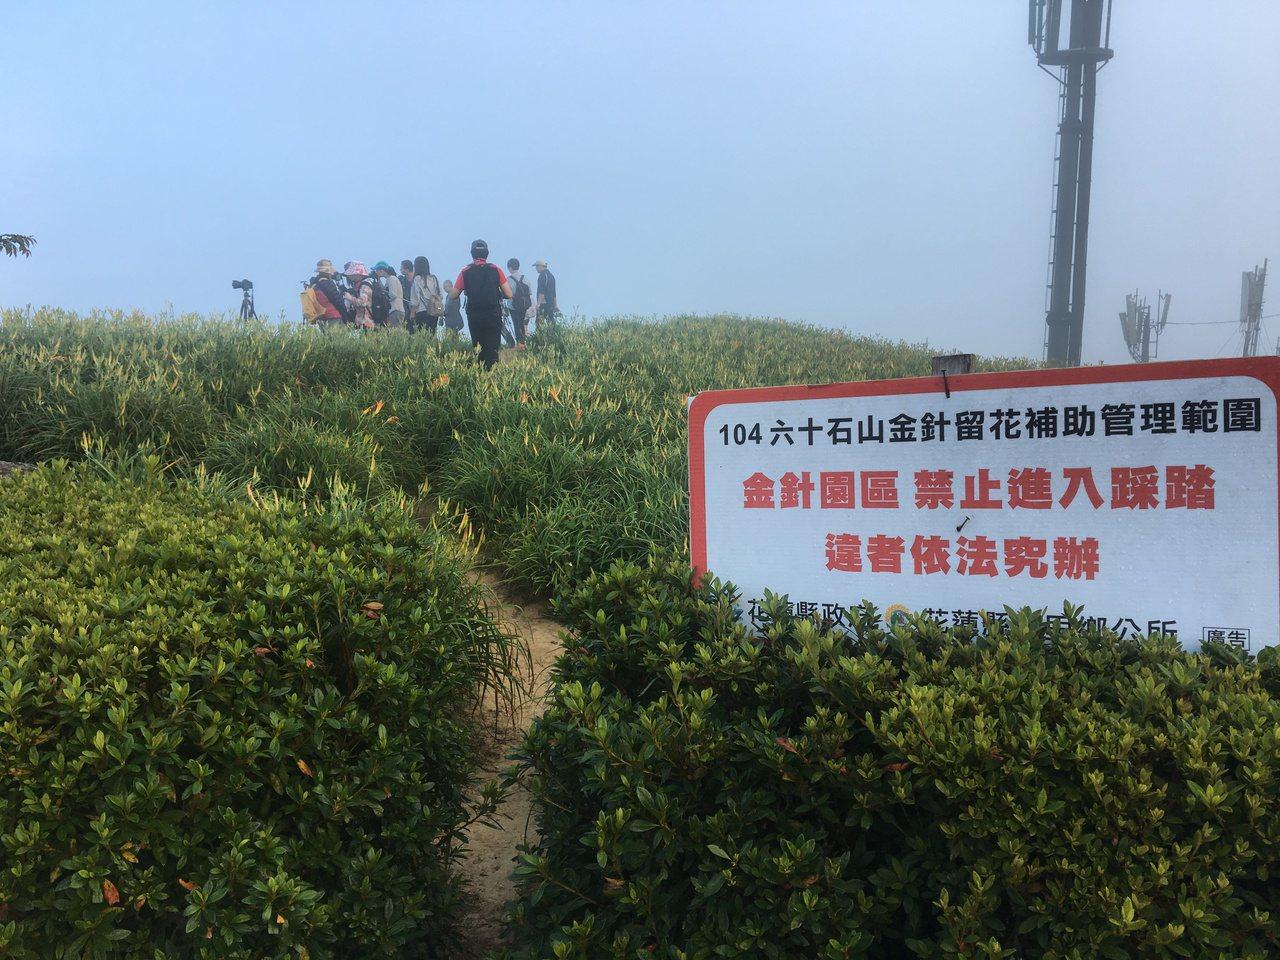 許多遊客無視於步道旁的告示牌,踩進花田踐踏金針花海。 記者徐庭揚/攝影